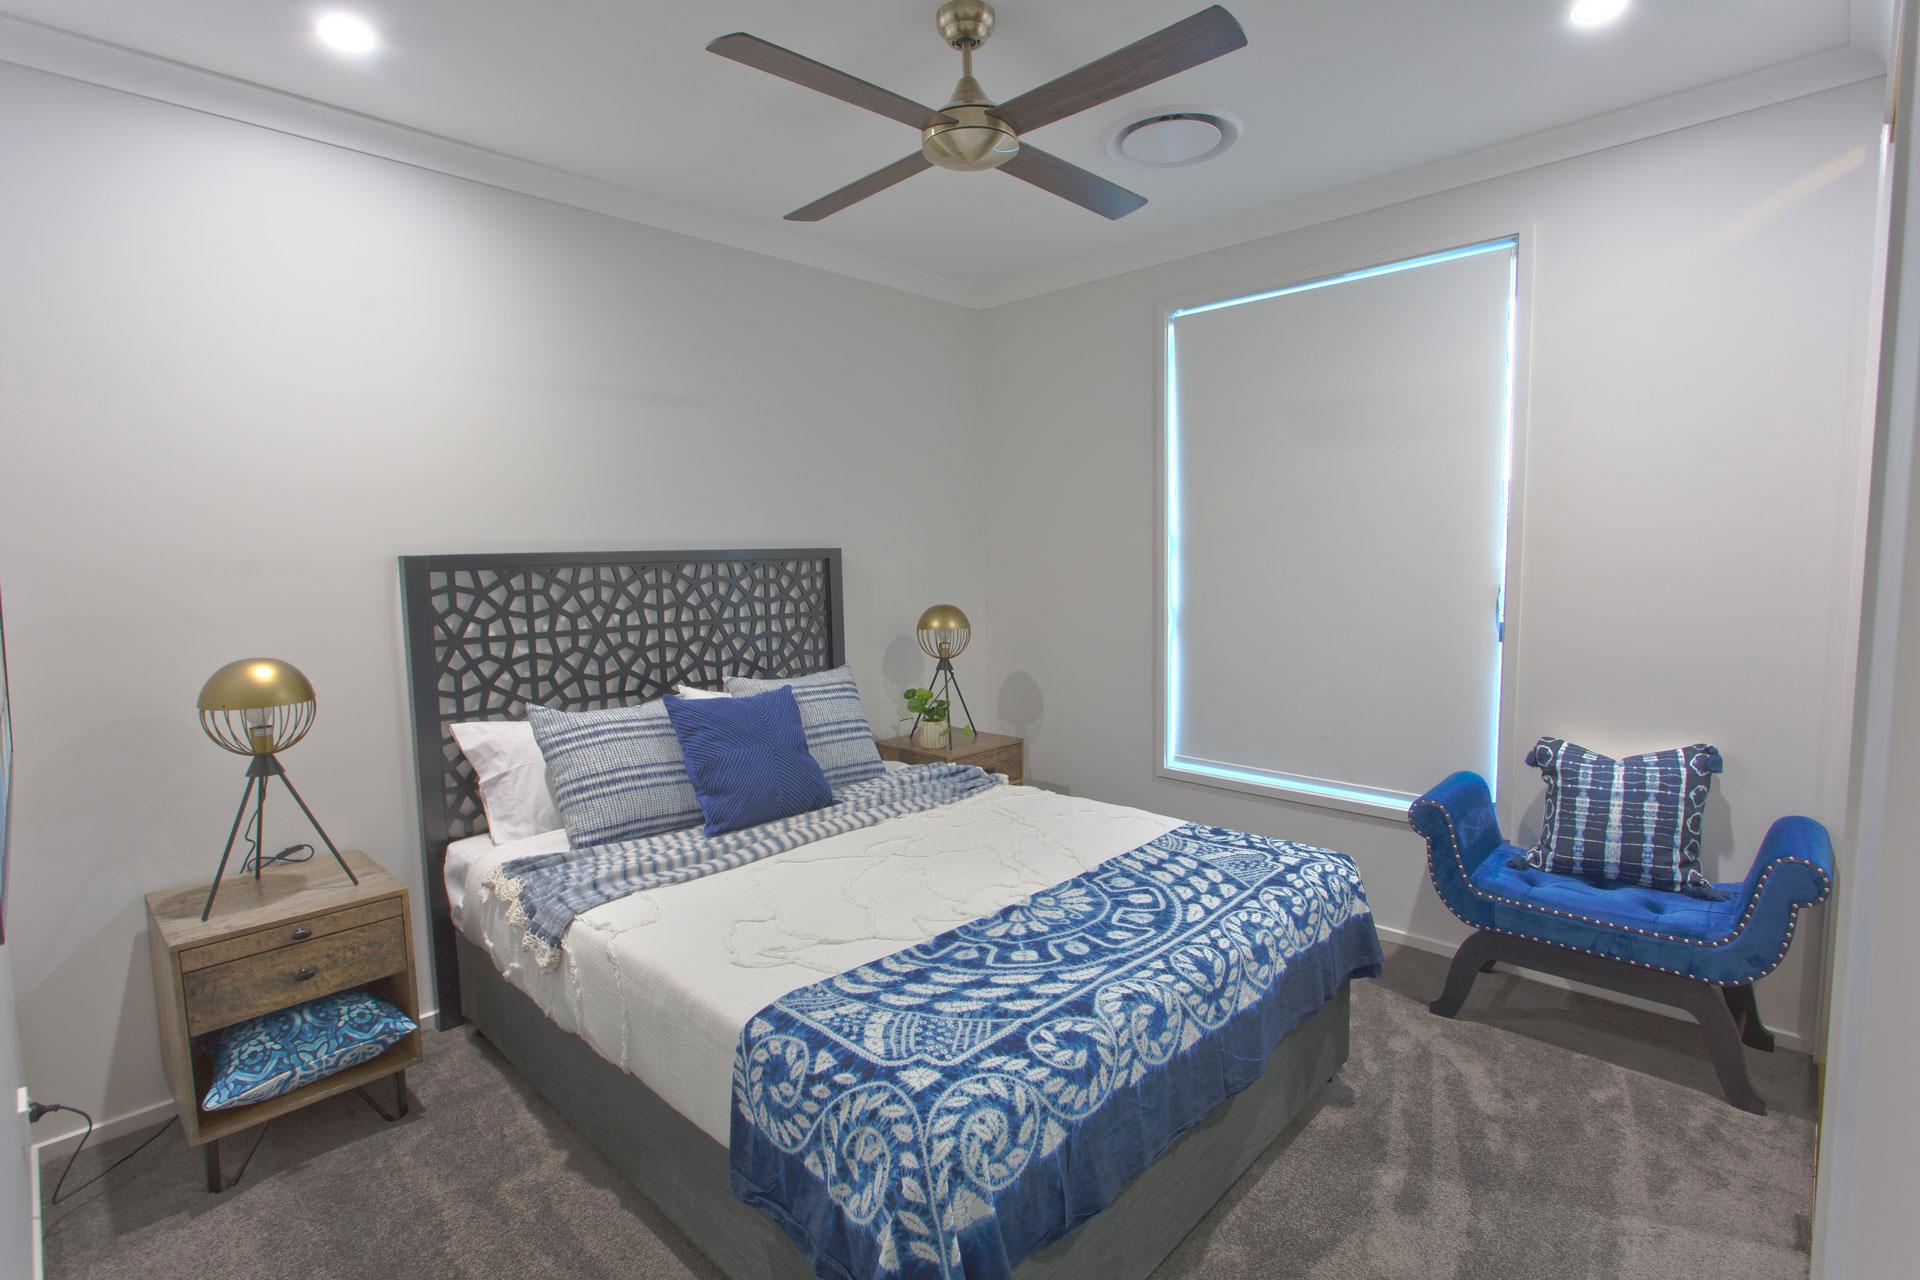 Tavira display home at Foreshore, Coomera, Gold Coast